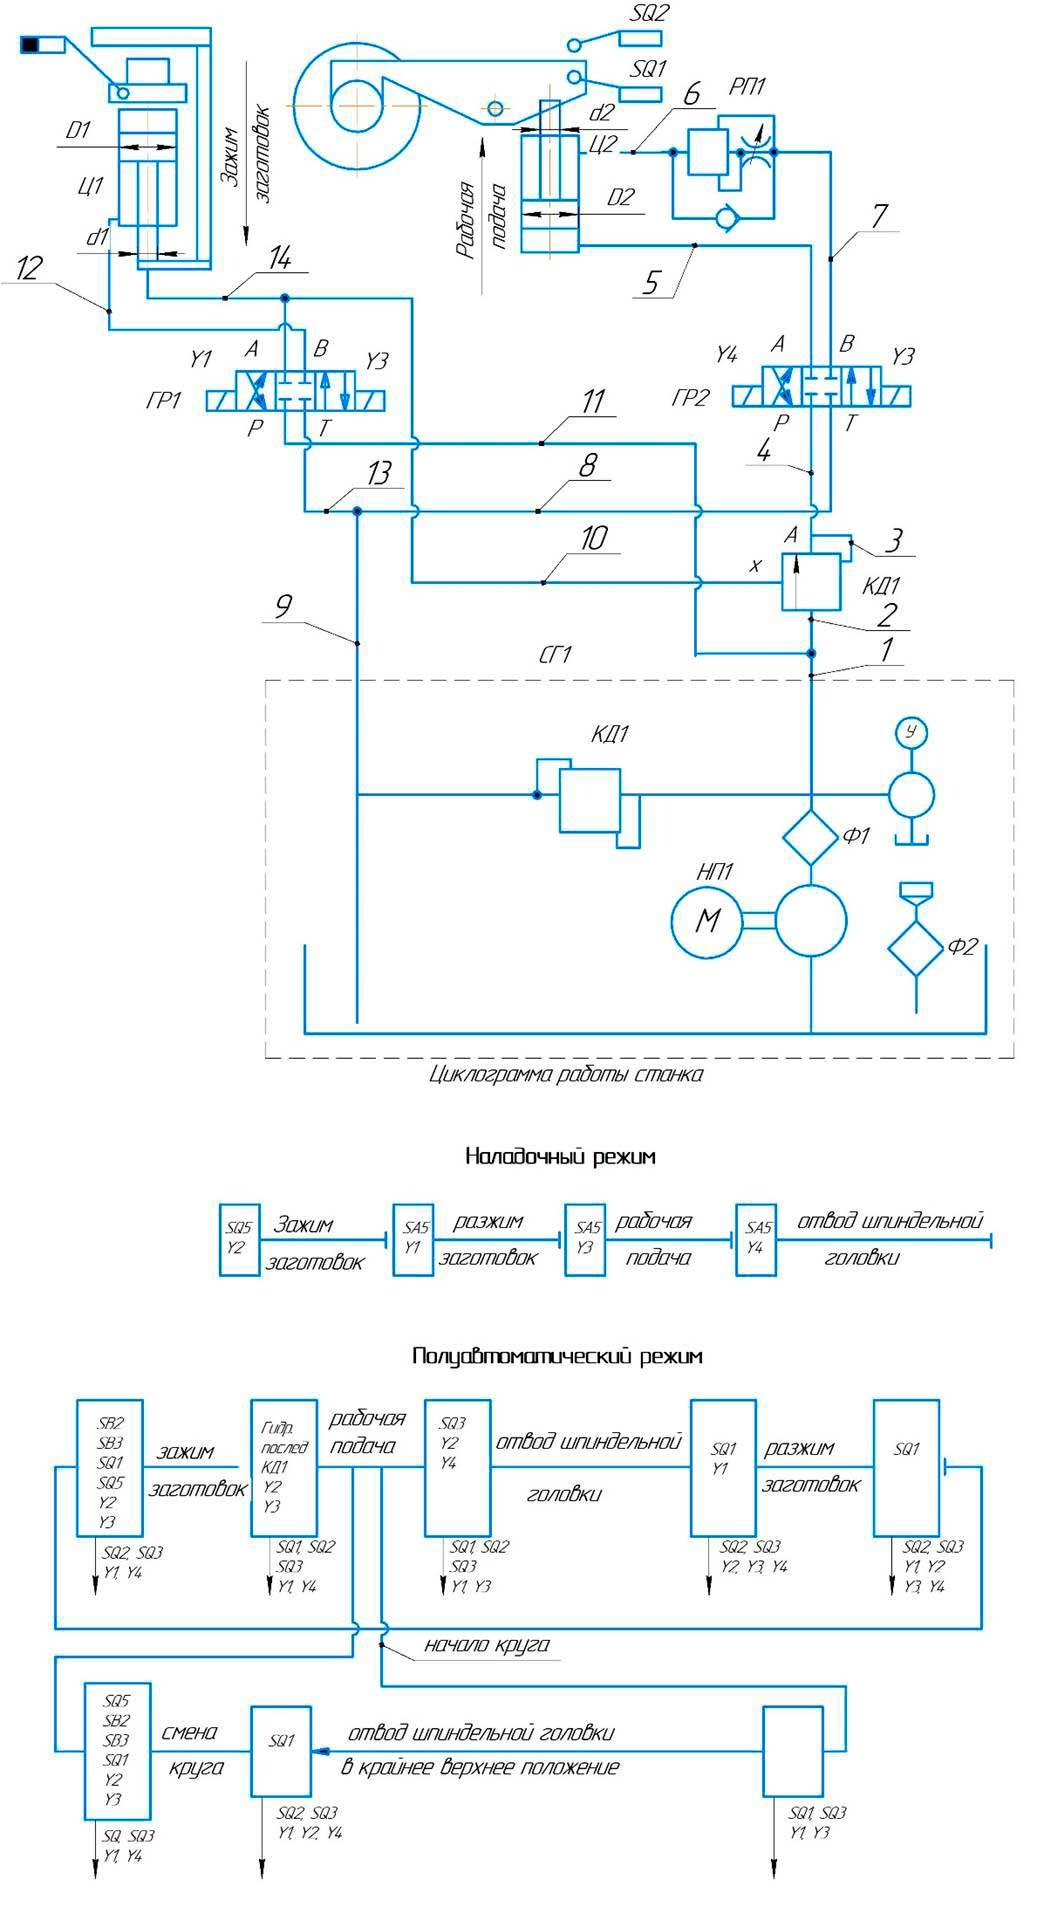 Гидравлическая схема абразивно-отрезного станка 8Г240